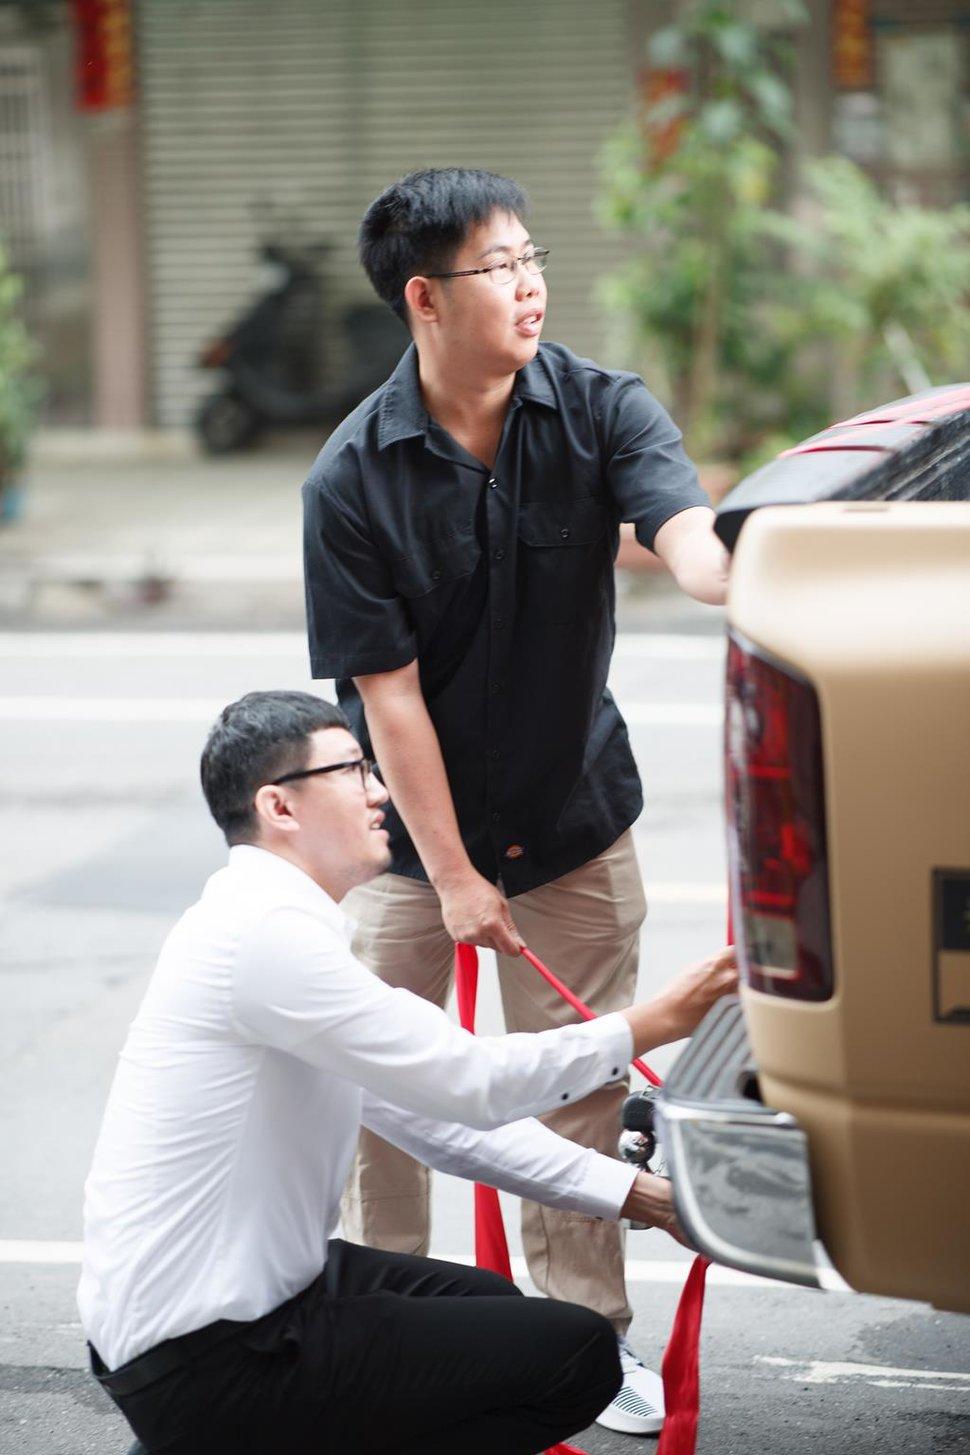 書孟&逸琳婚禮紀實-29 - Mr. Happiness 幸福先生 - 結婚吧